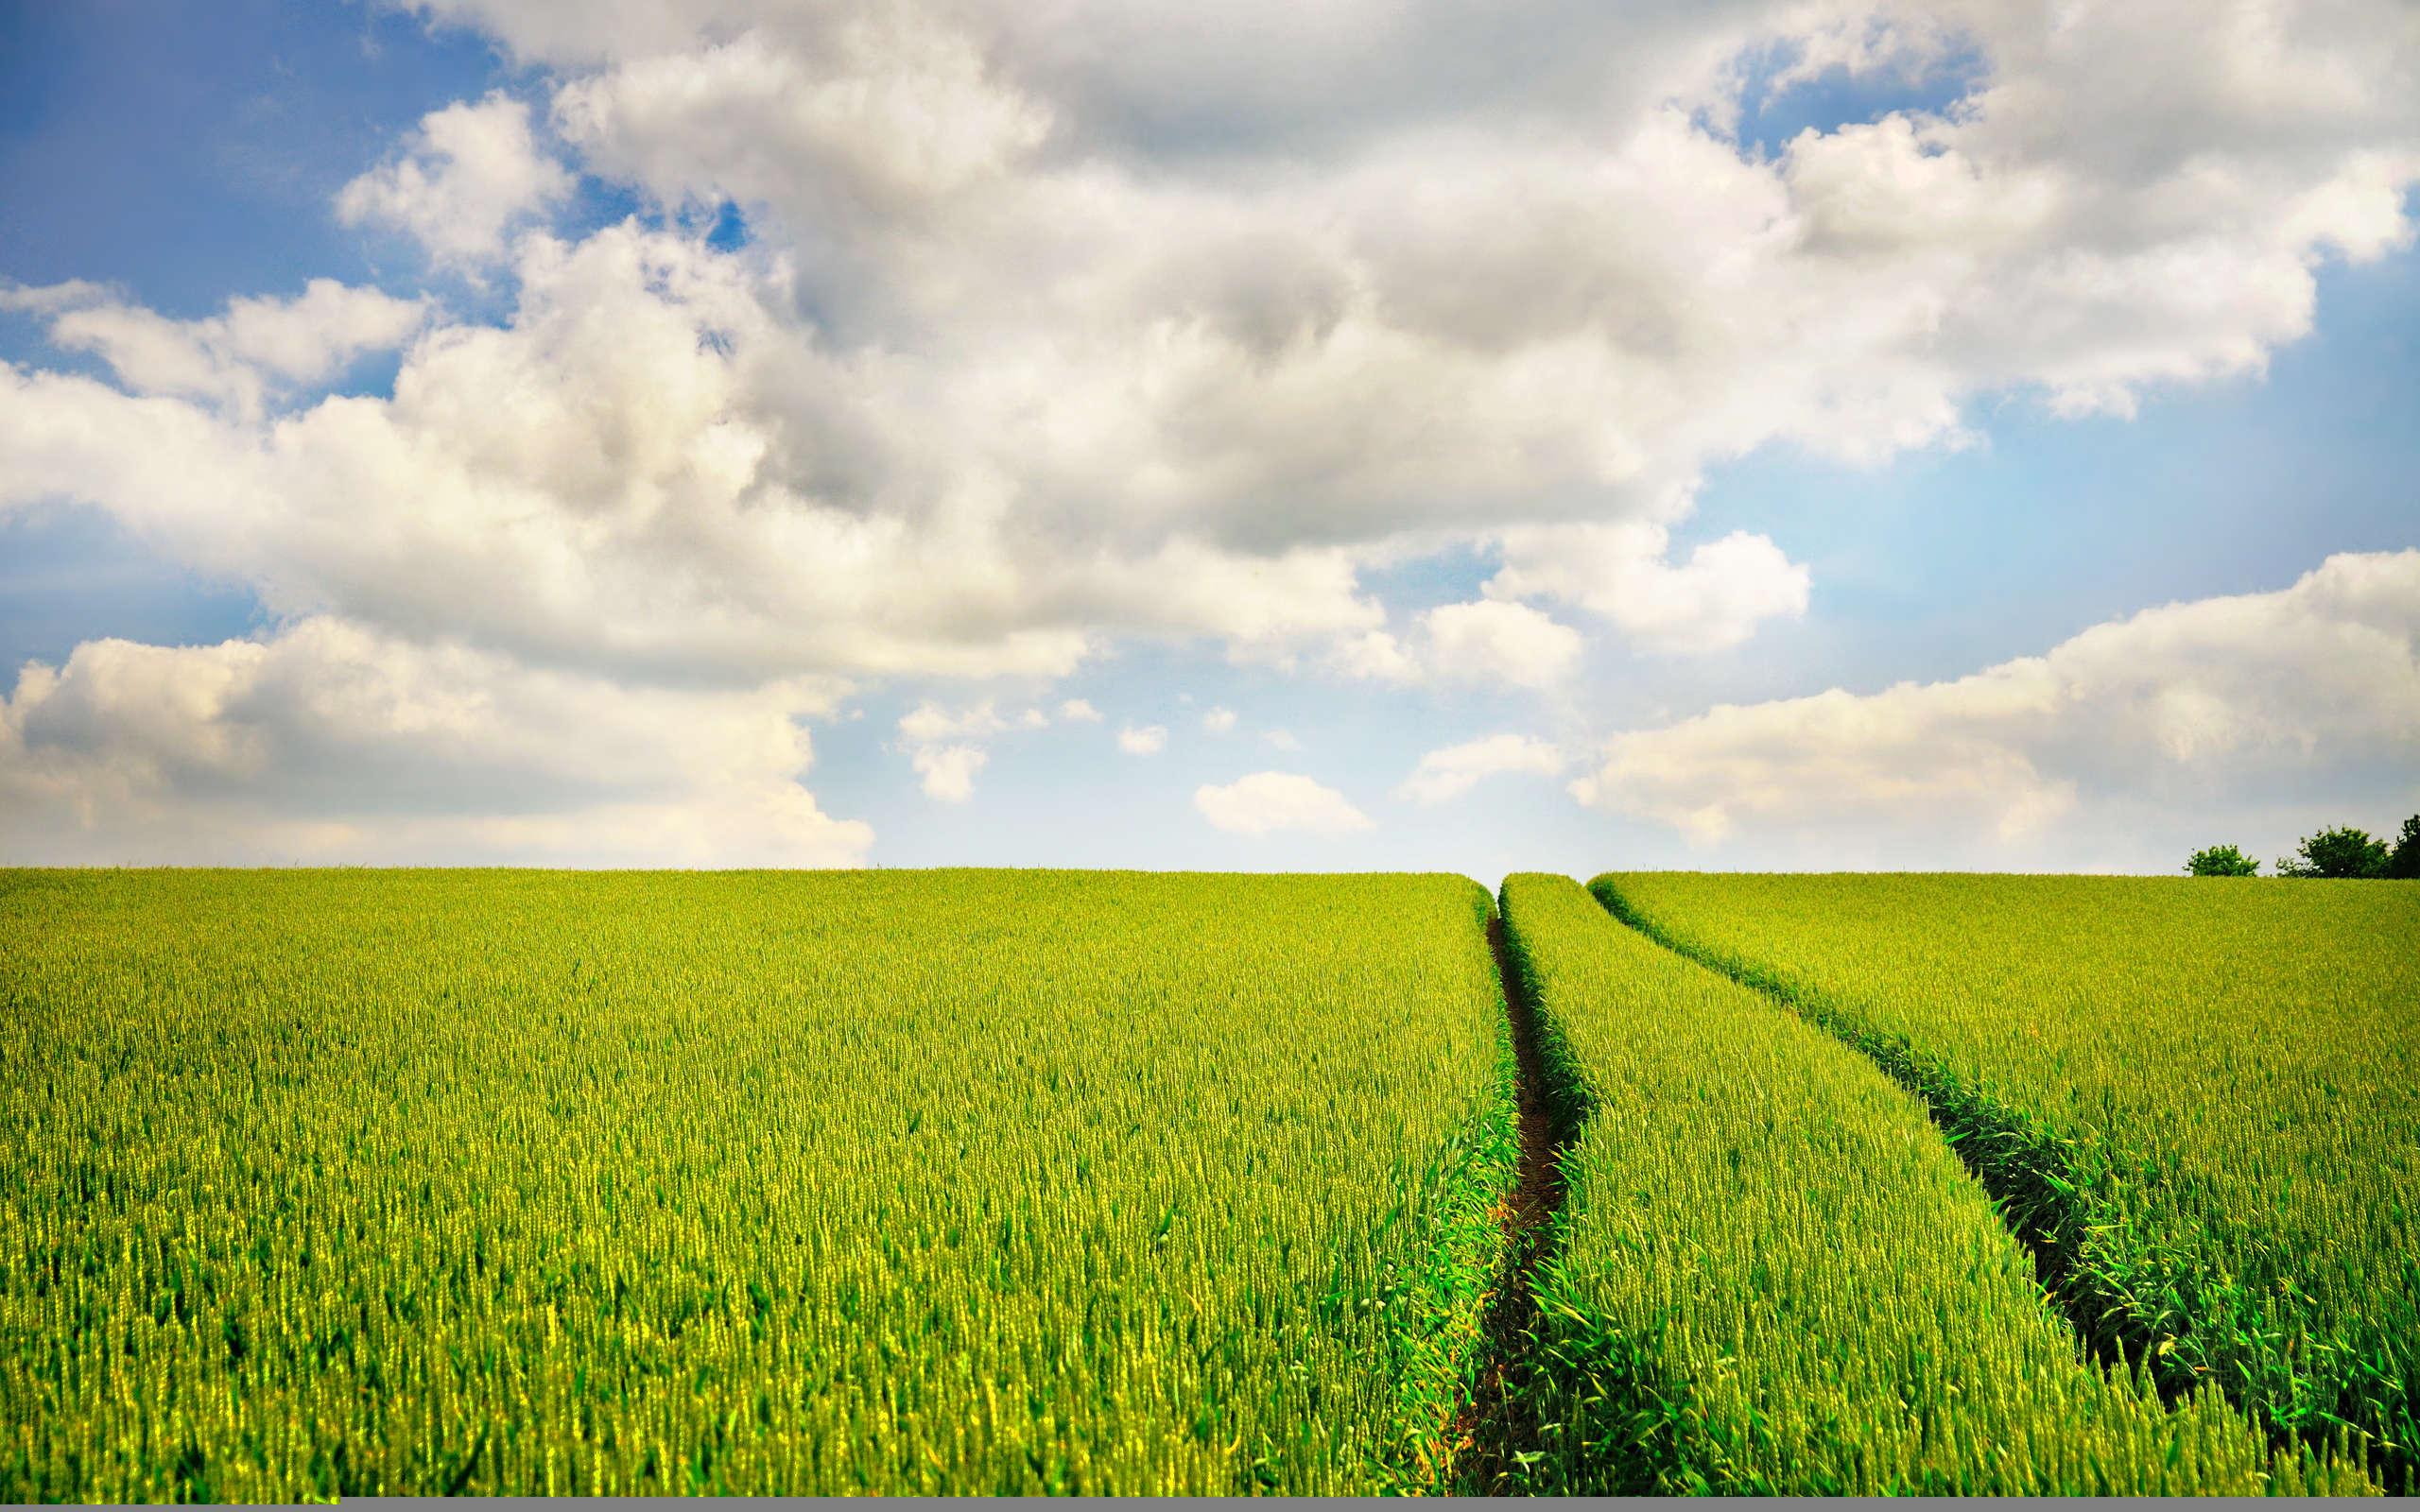 Дорога через зеленое поле  № 2604510 бесплатно